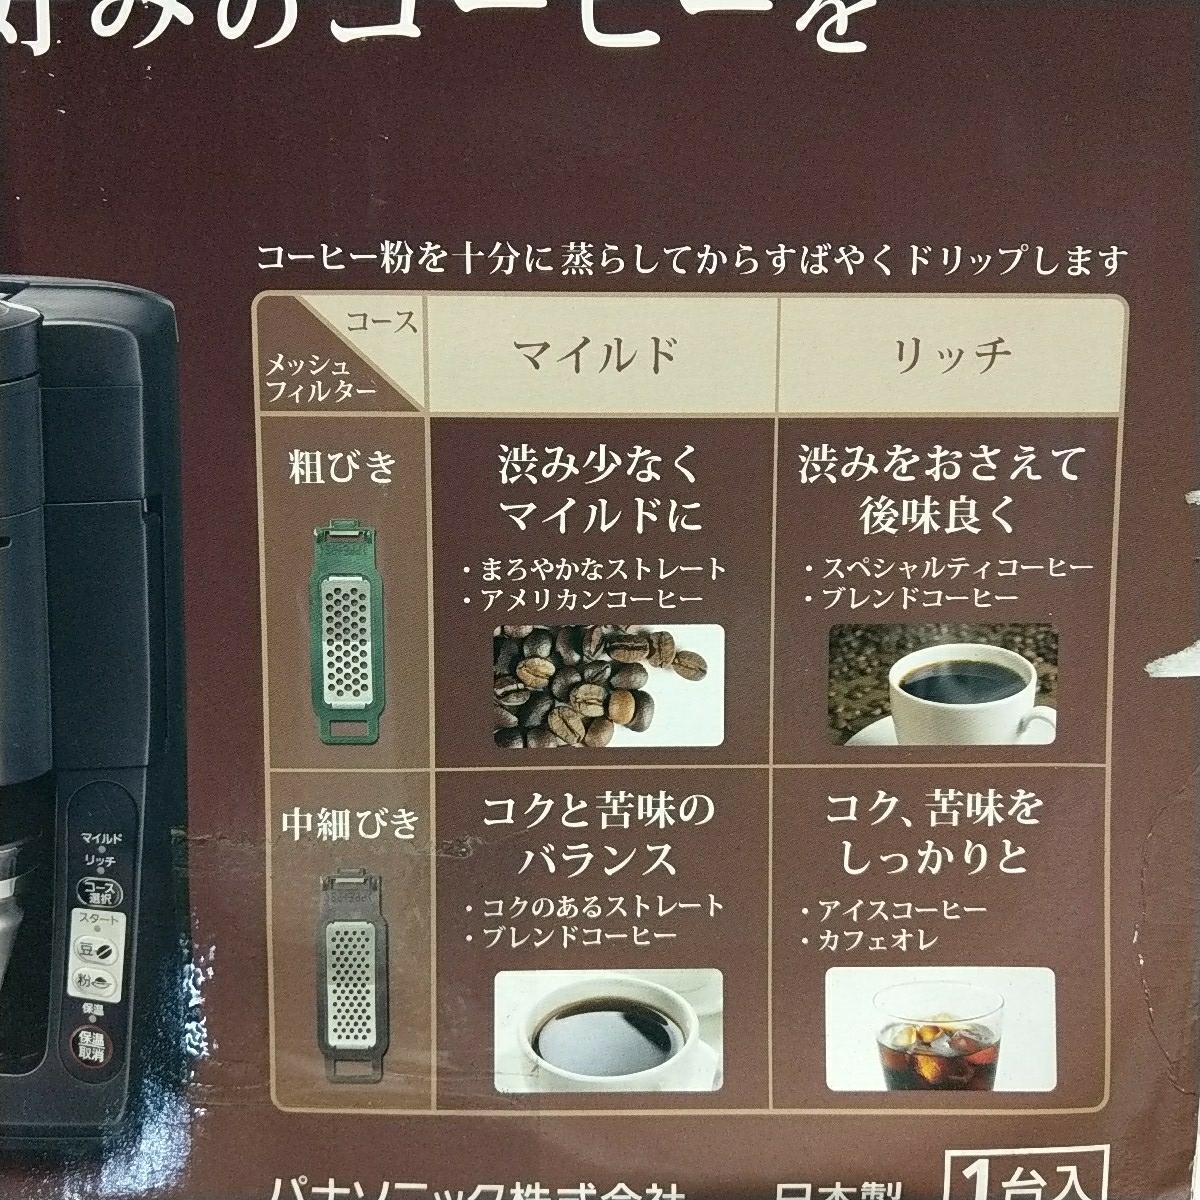 パナソニック 沸騰コーヒーメーカー NC-A56-Aブラック _画像5